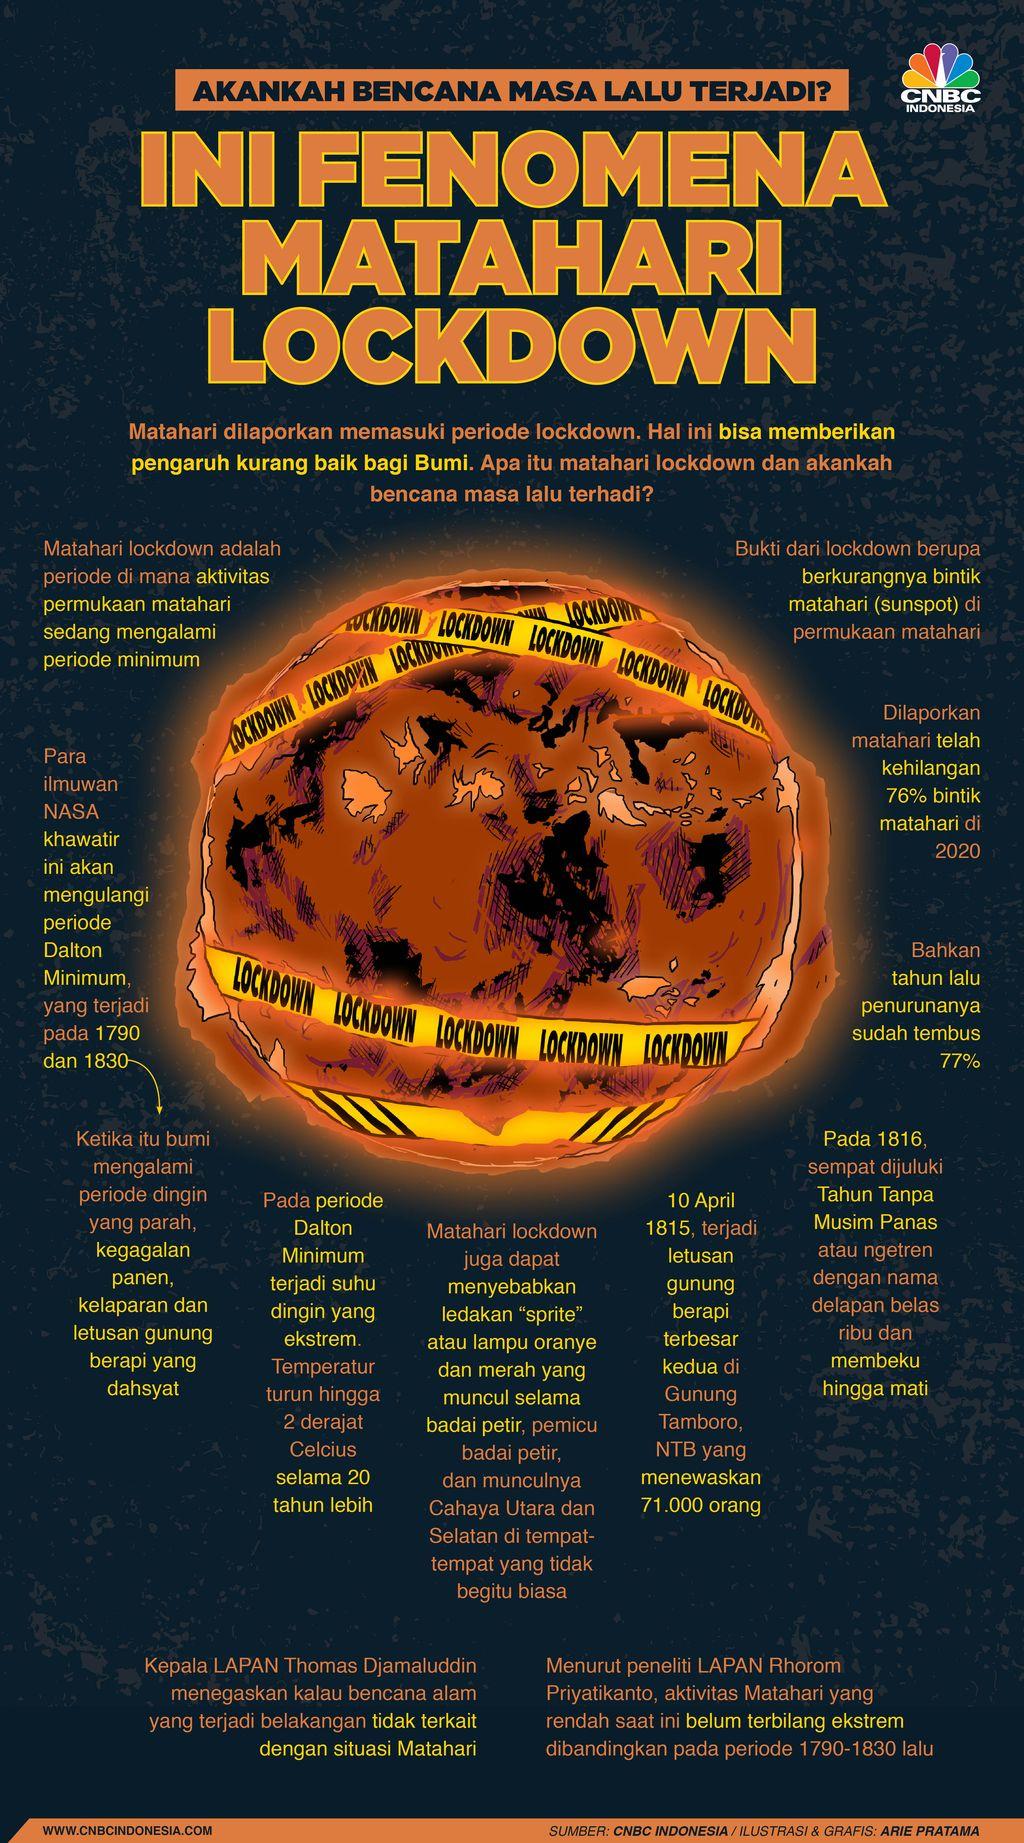 Infografis: Akankah Bencana Masa Lalu Terjadi? Ini Fenomena Matahari Lockdown